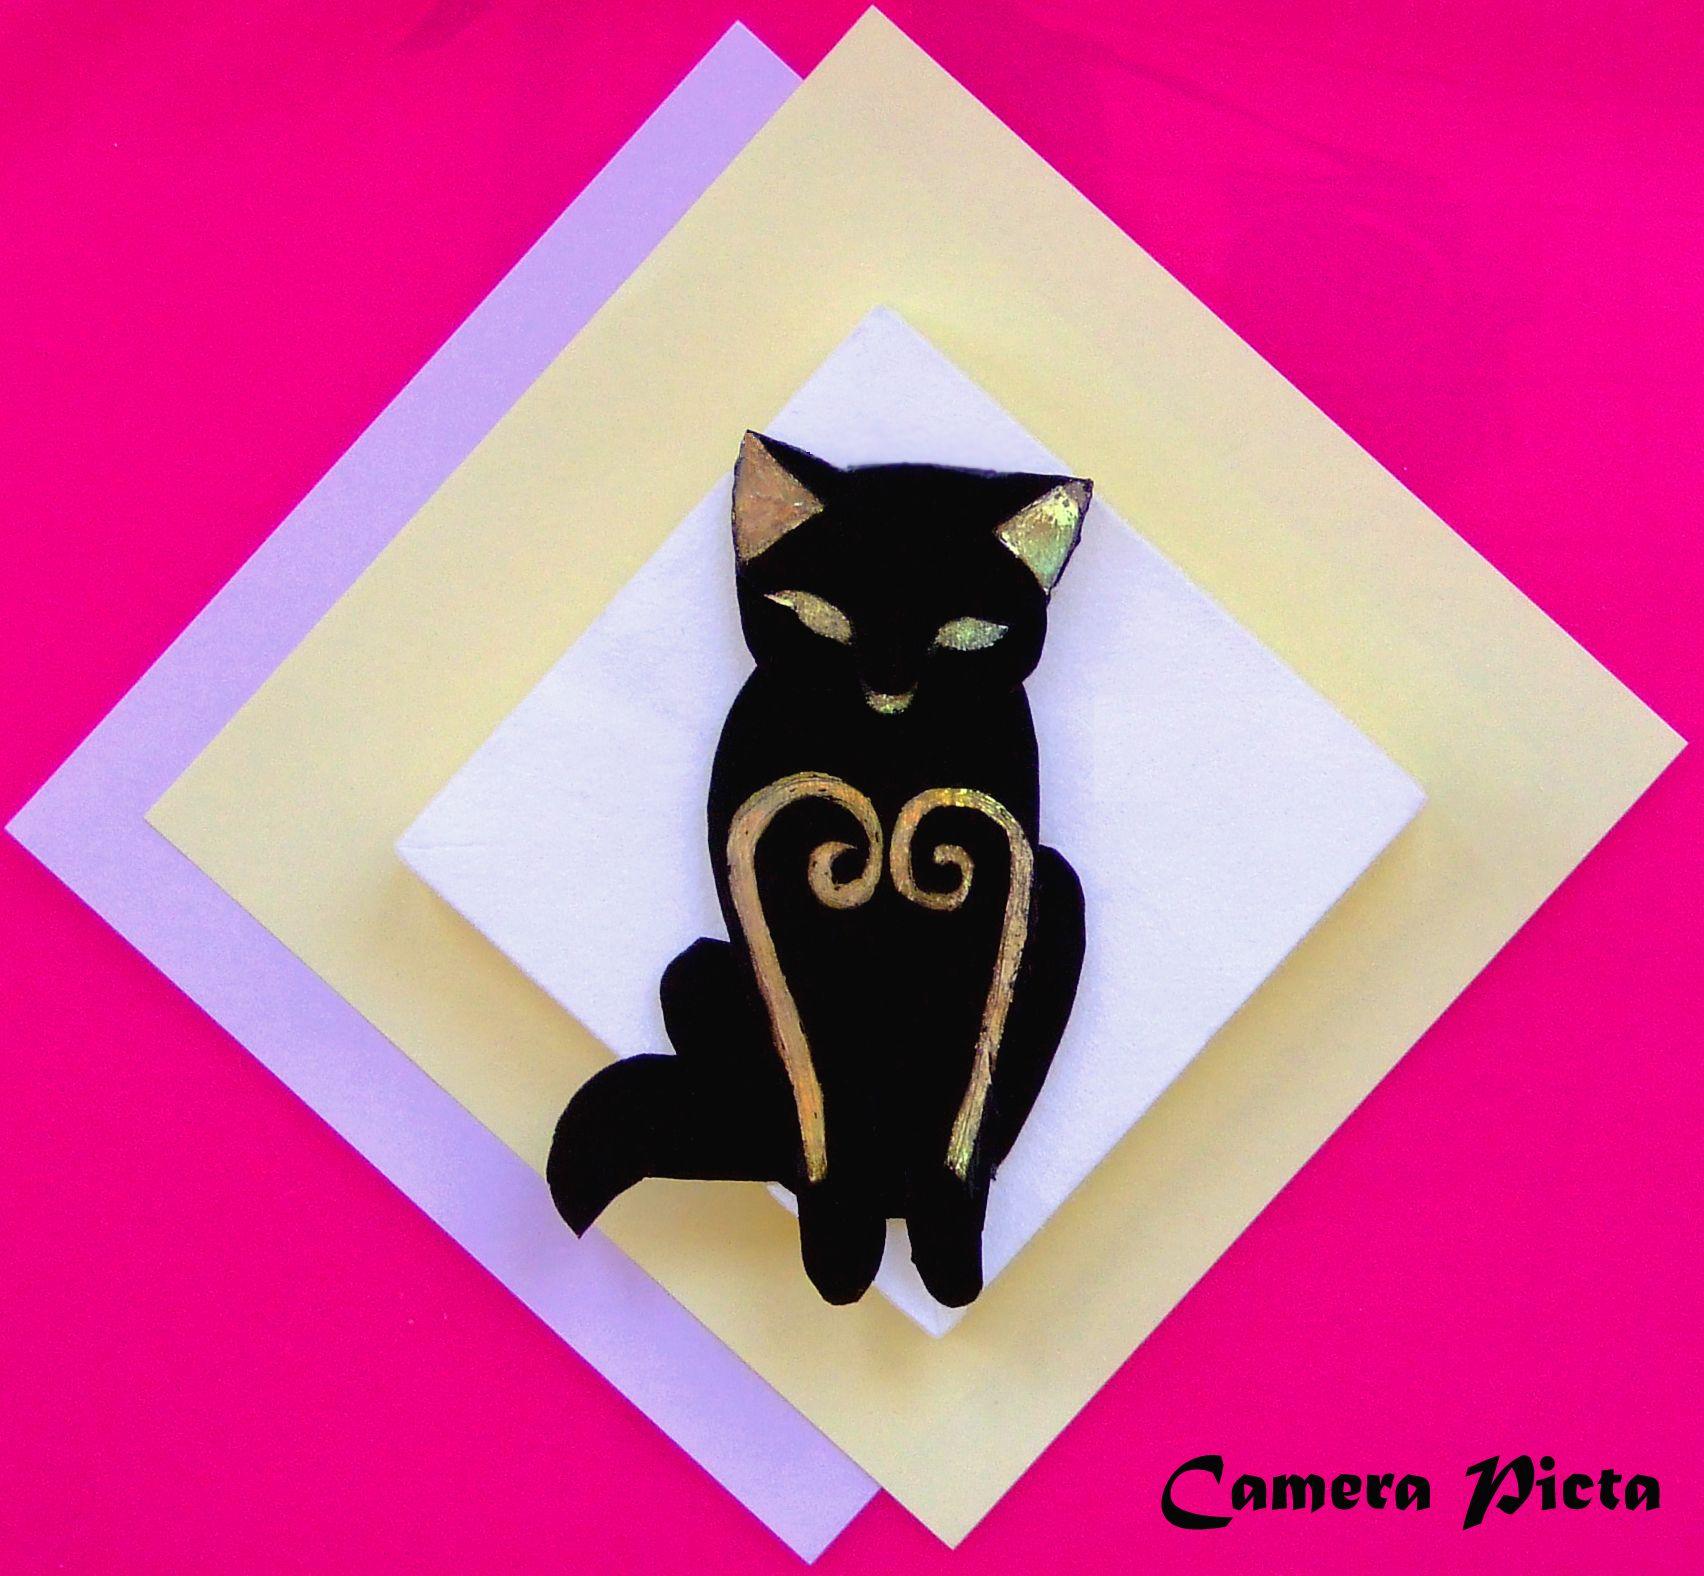 Spilla a forma di gatto. Lamina plastica monocromata e brillantini, su supporto metallico; cm 9 x 4,8.  http://www.ebay.it/usr/camerapicta-art